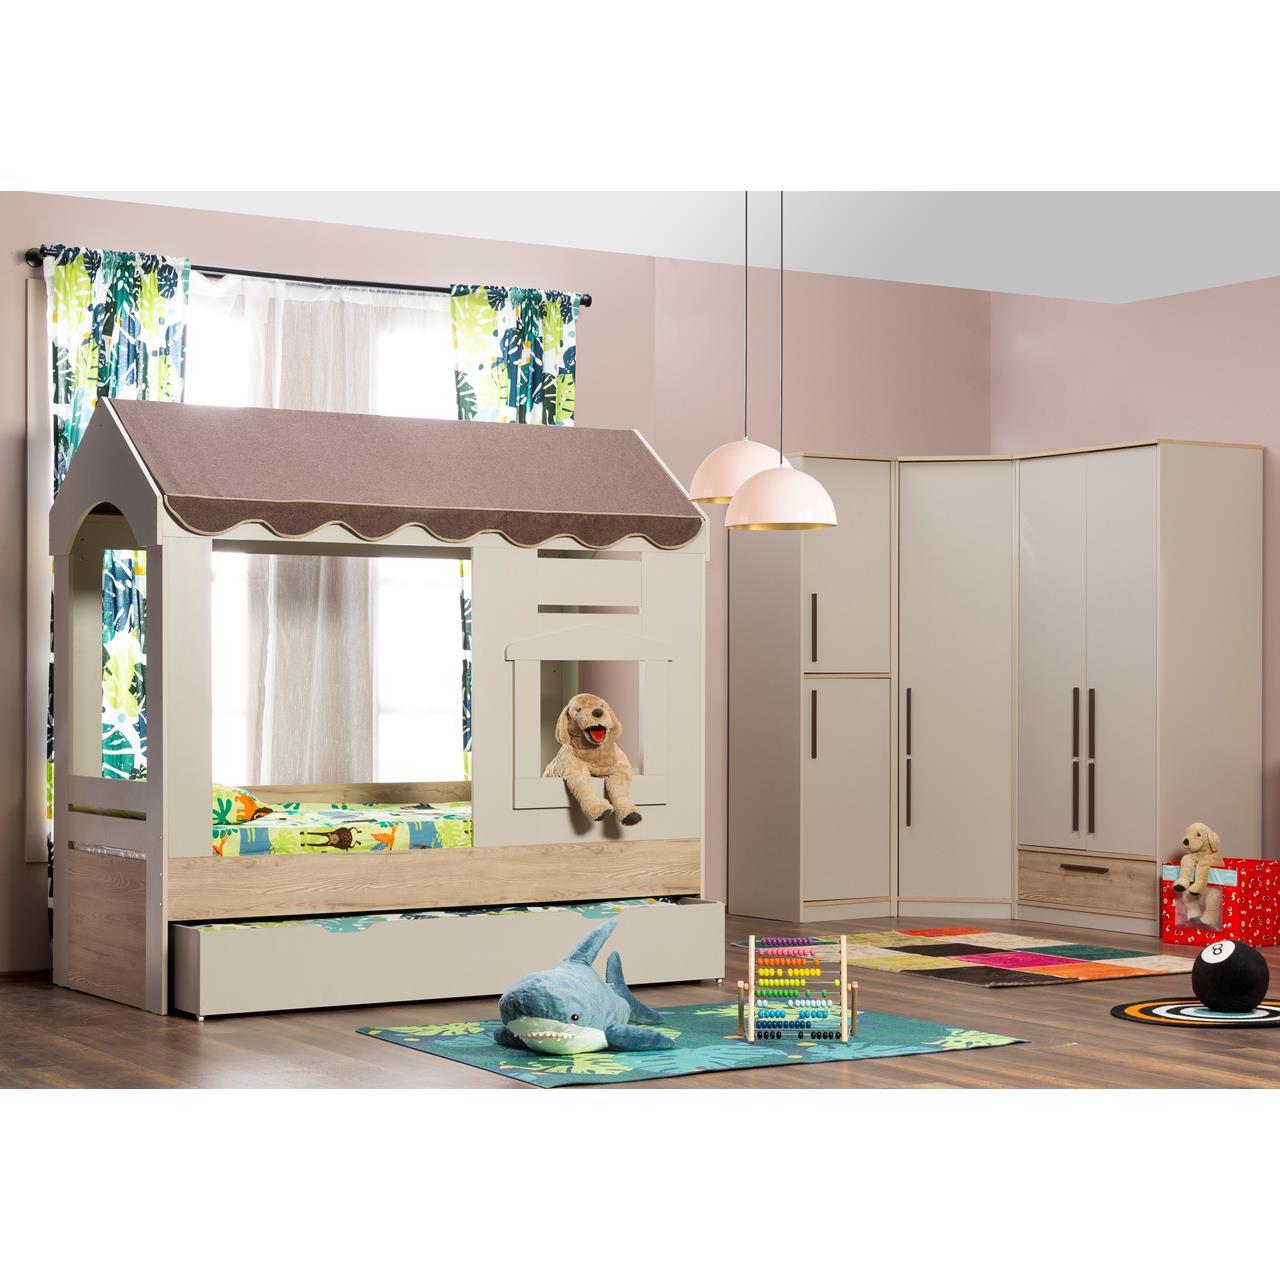 Full Size of Kinderzimmer Orion 5 Tlg Mit Spielbett Traum Mbelcom Eckschrank Küche Bad Regale Schlafzimmer Regal Weiß Sofa Kinderzimmer Eckschrank Kinderzimmer